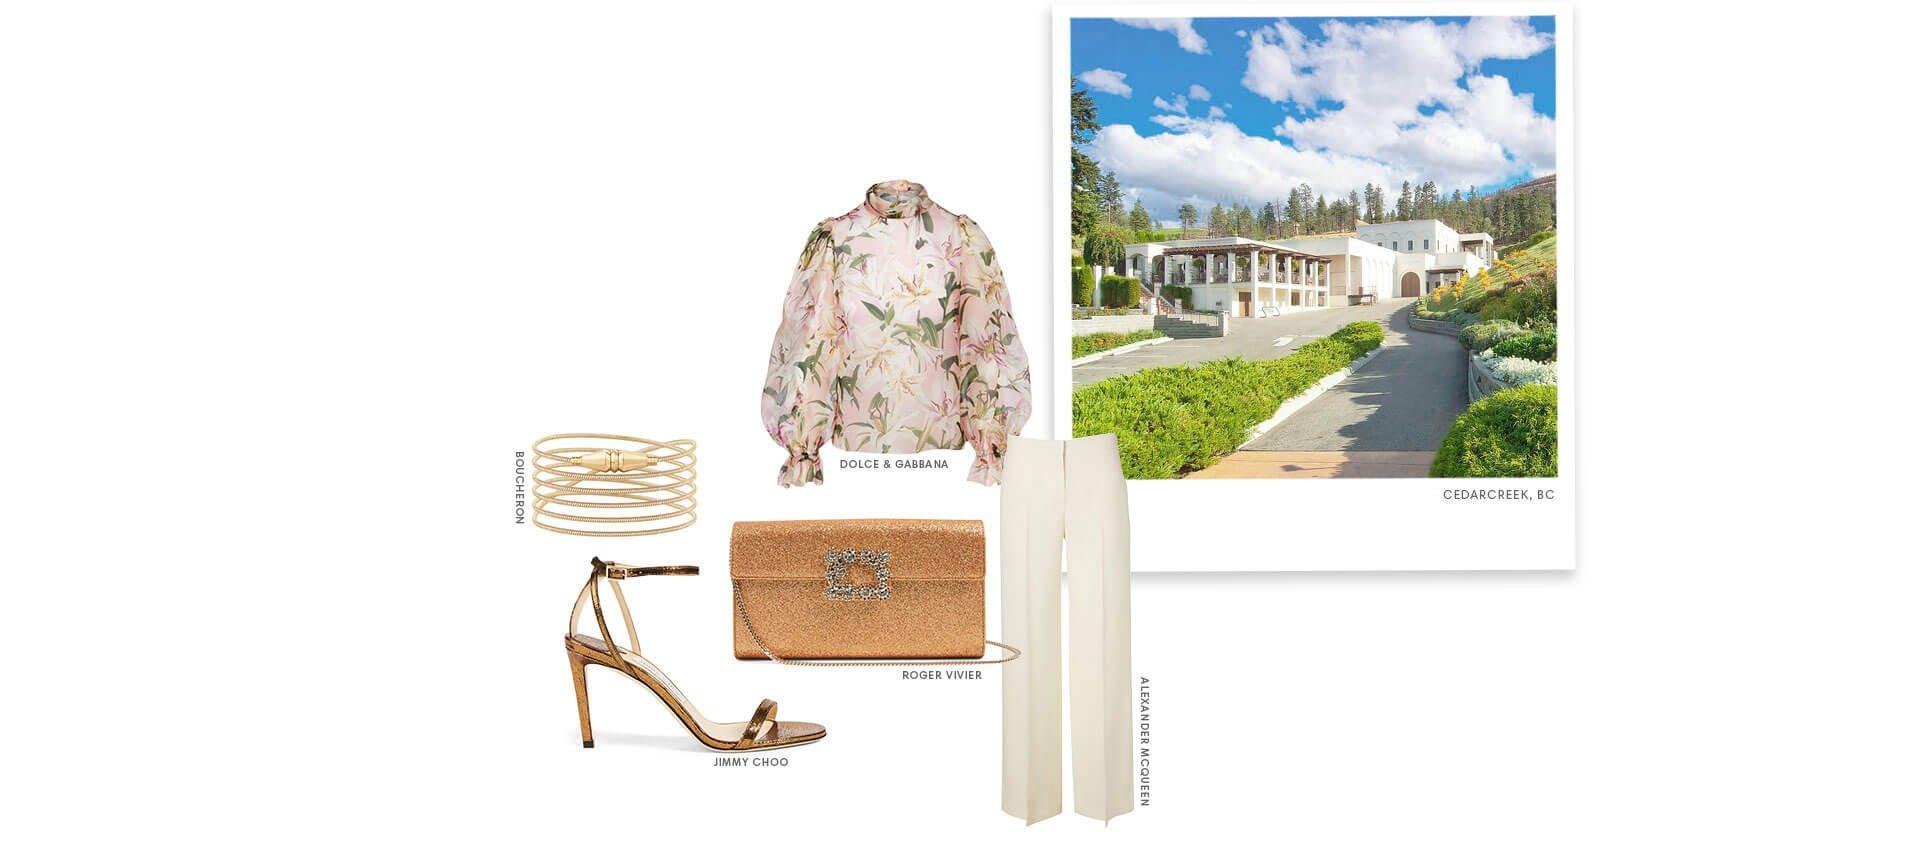 Holt Renfrew Image of Cedar Creek, BC. Dolce & Gabbana.Boucheron. Roger Vivier. Jimmy Choo. Alexander Mcqueen